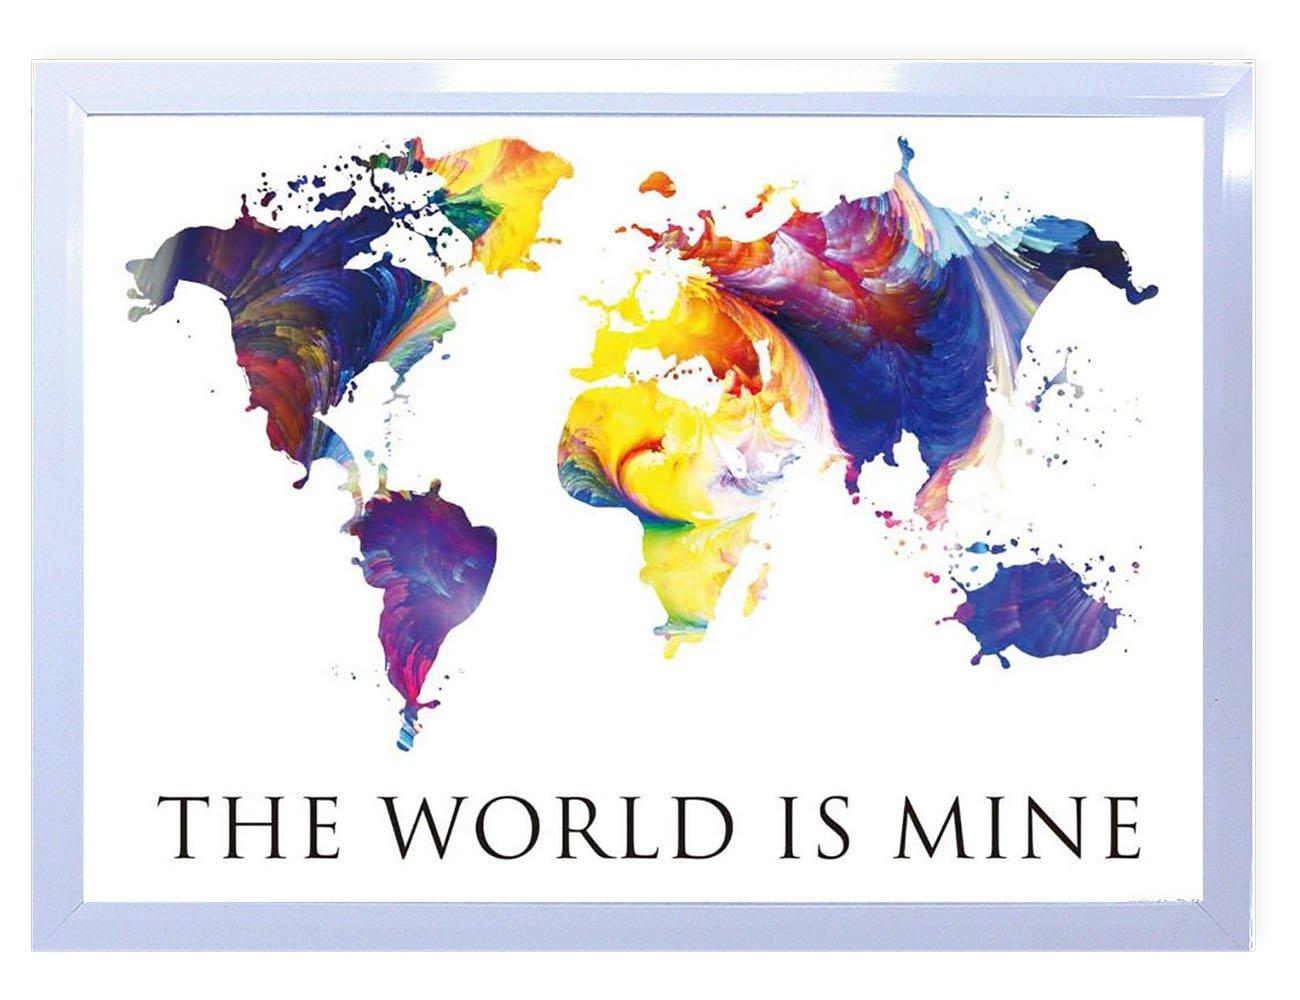 【DXポスター】世界地図のポスター フレーム付きシンプルモダン カラフル シンプルP-A1-1610-POPA-003-wh P-A1-1610-POPA-003-wh B073SGCDJDA1サイズ(84.1cm×59.4cm)+ホワイトフレーム